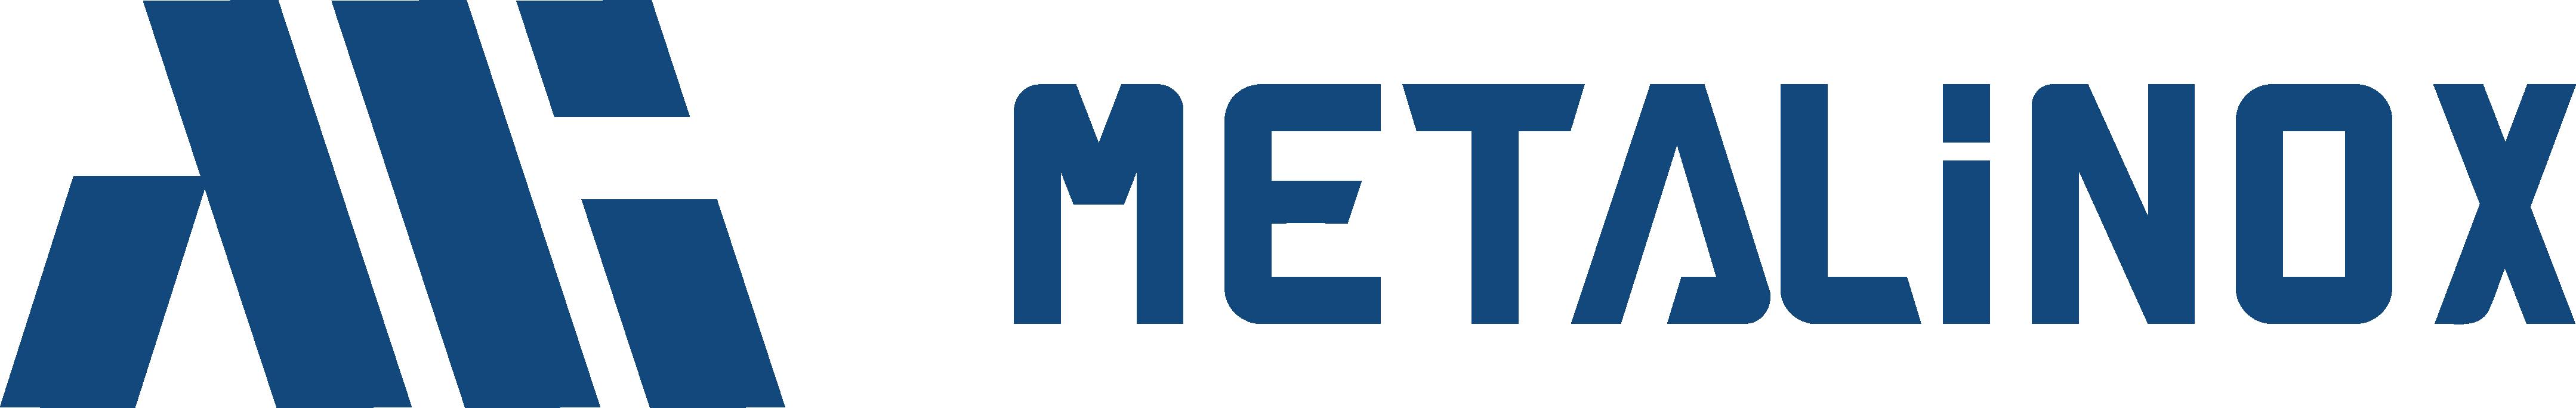 metalinoxmetalinox